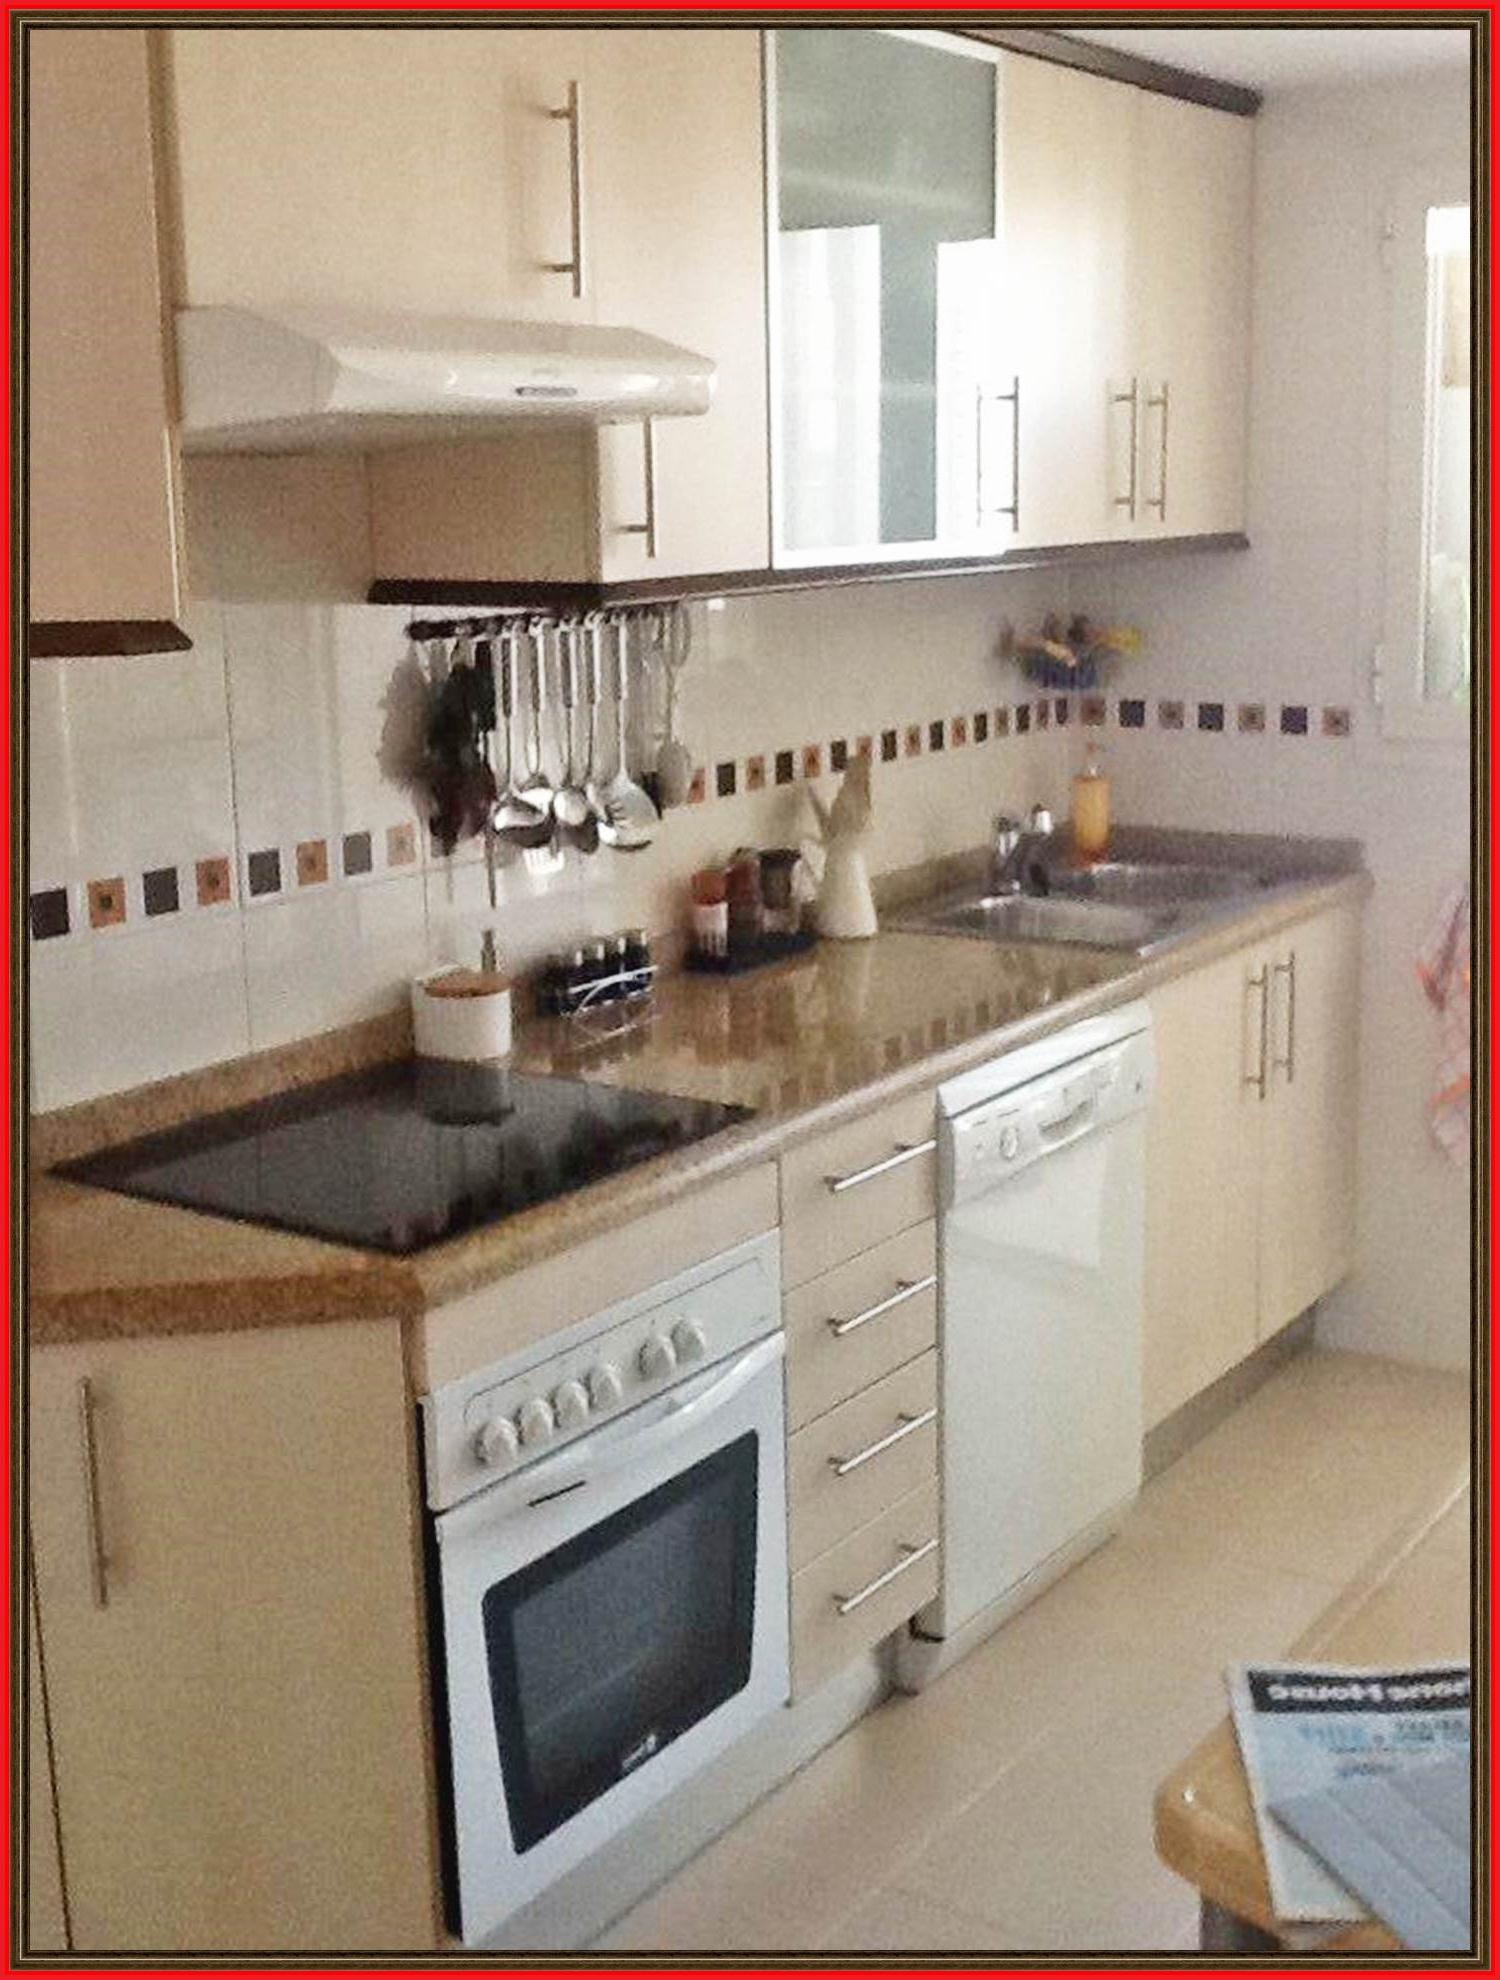 Puertas Armarios Cocina Xtd6 Cambiar Puertas Armarios Cocina Puertas Armario Cocina Emejing